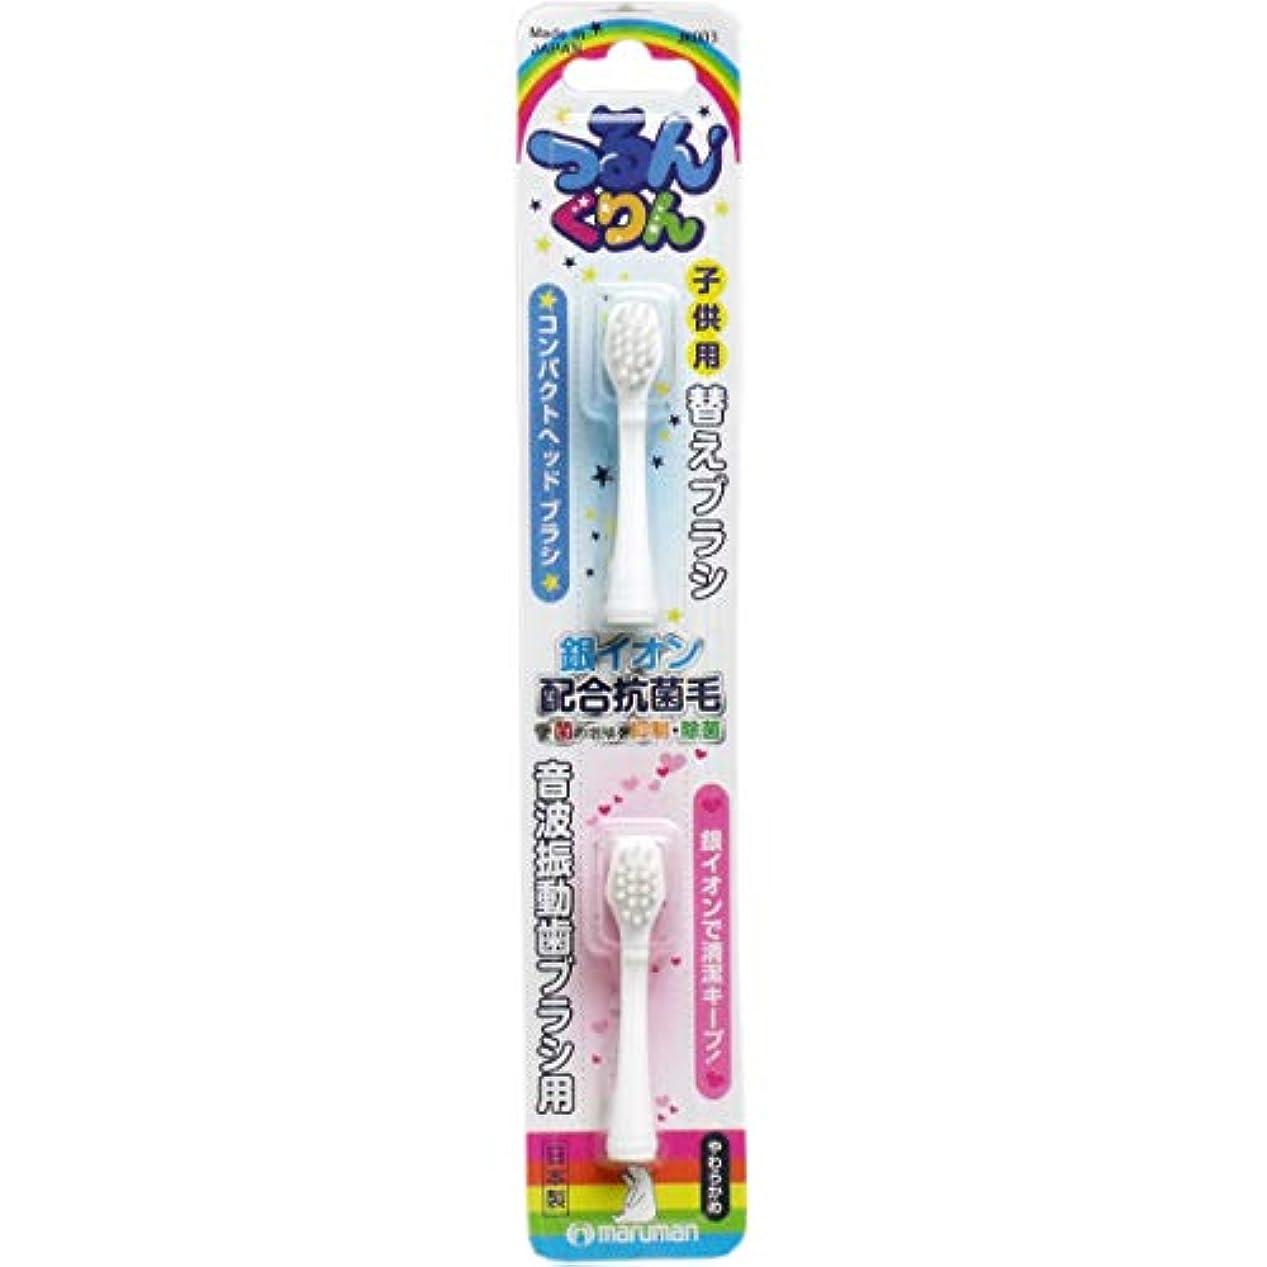 シマウマ思いつく反対つるんくりん 音波振動歯ブラシ 子供用 替えブラシ JK003